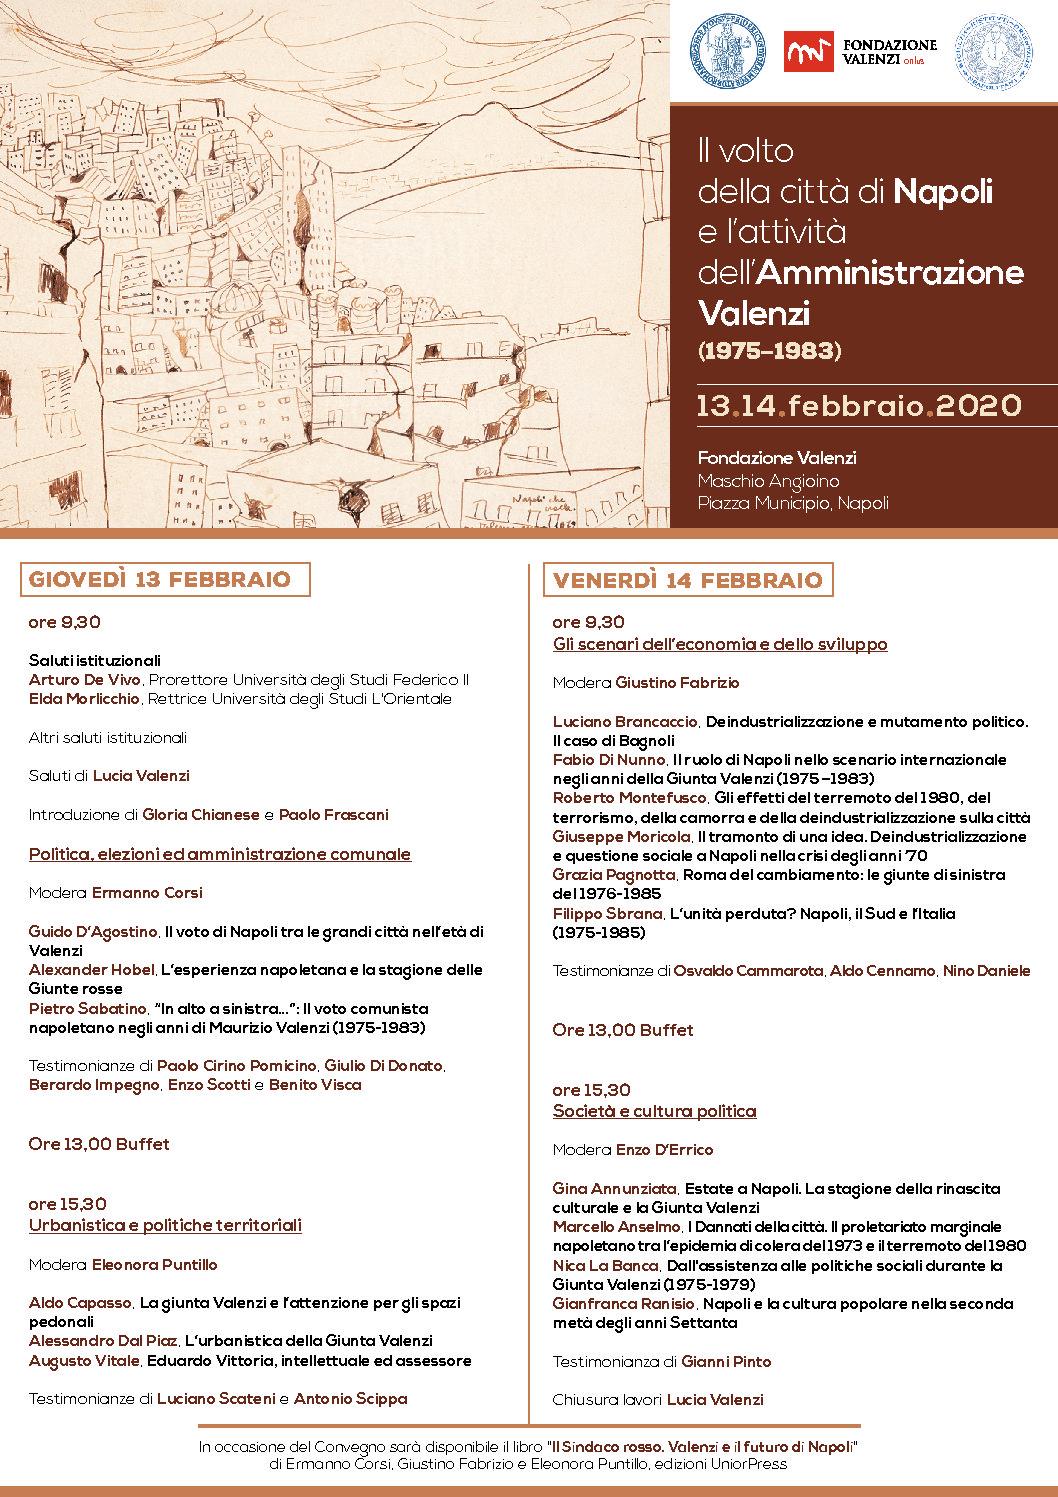 Il volto della città di Napoli e l'attività dell'Amministrazione Valenzi (1975–1983) -Napoli 13.14.febbraio – Fondazione Valenzi